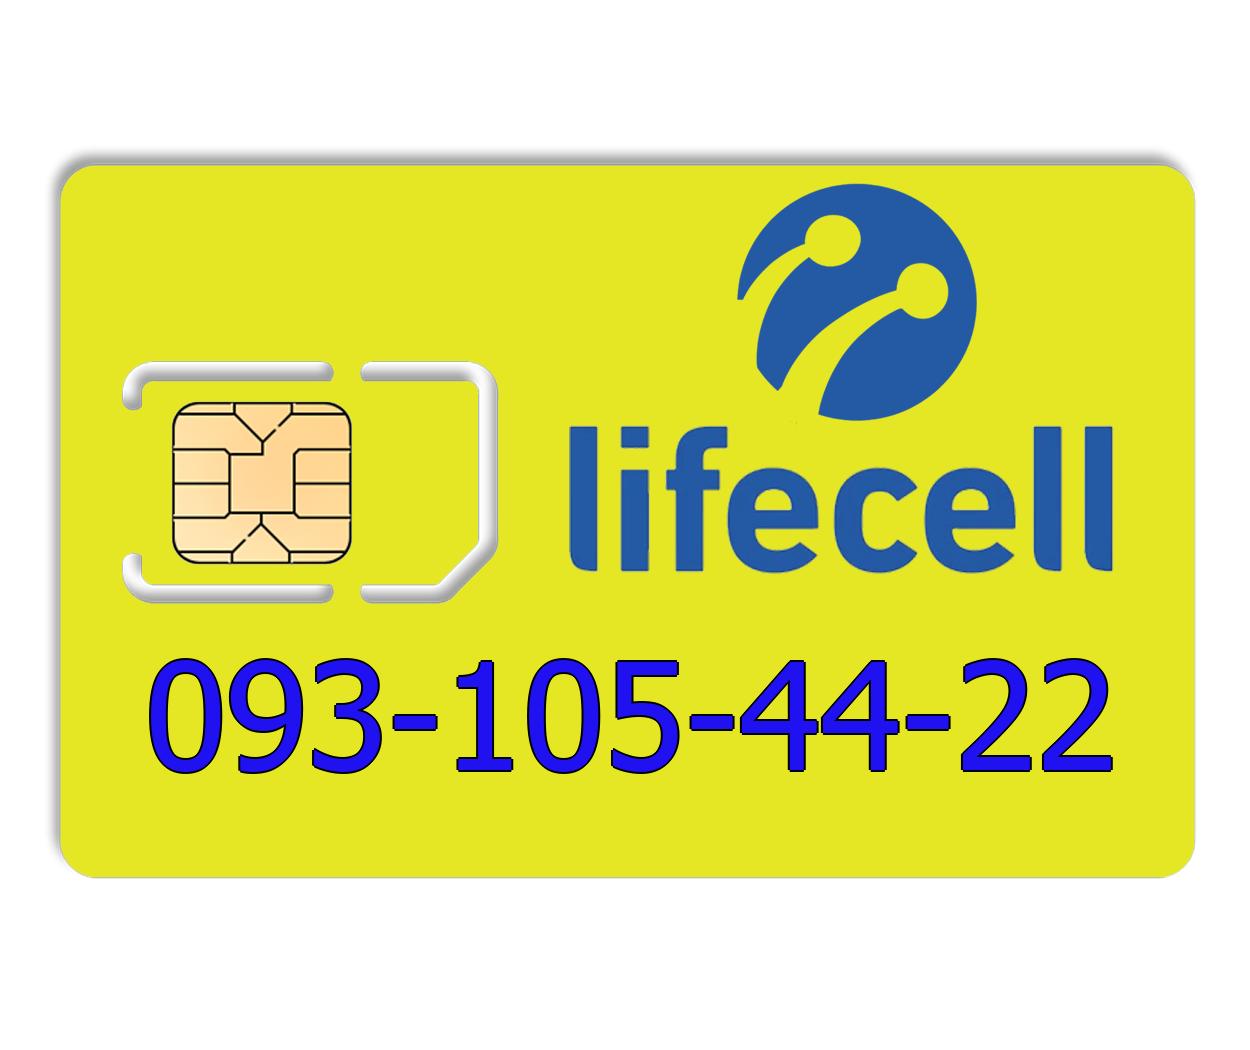 Красивый номер lifecell 093-105-44-22